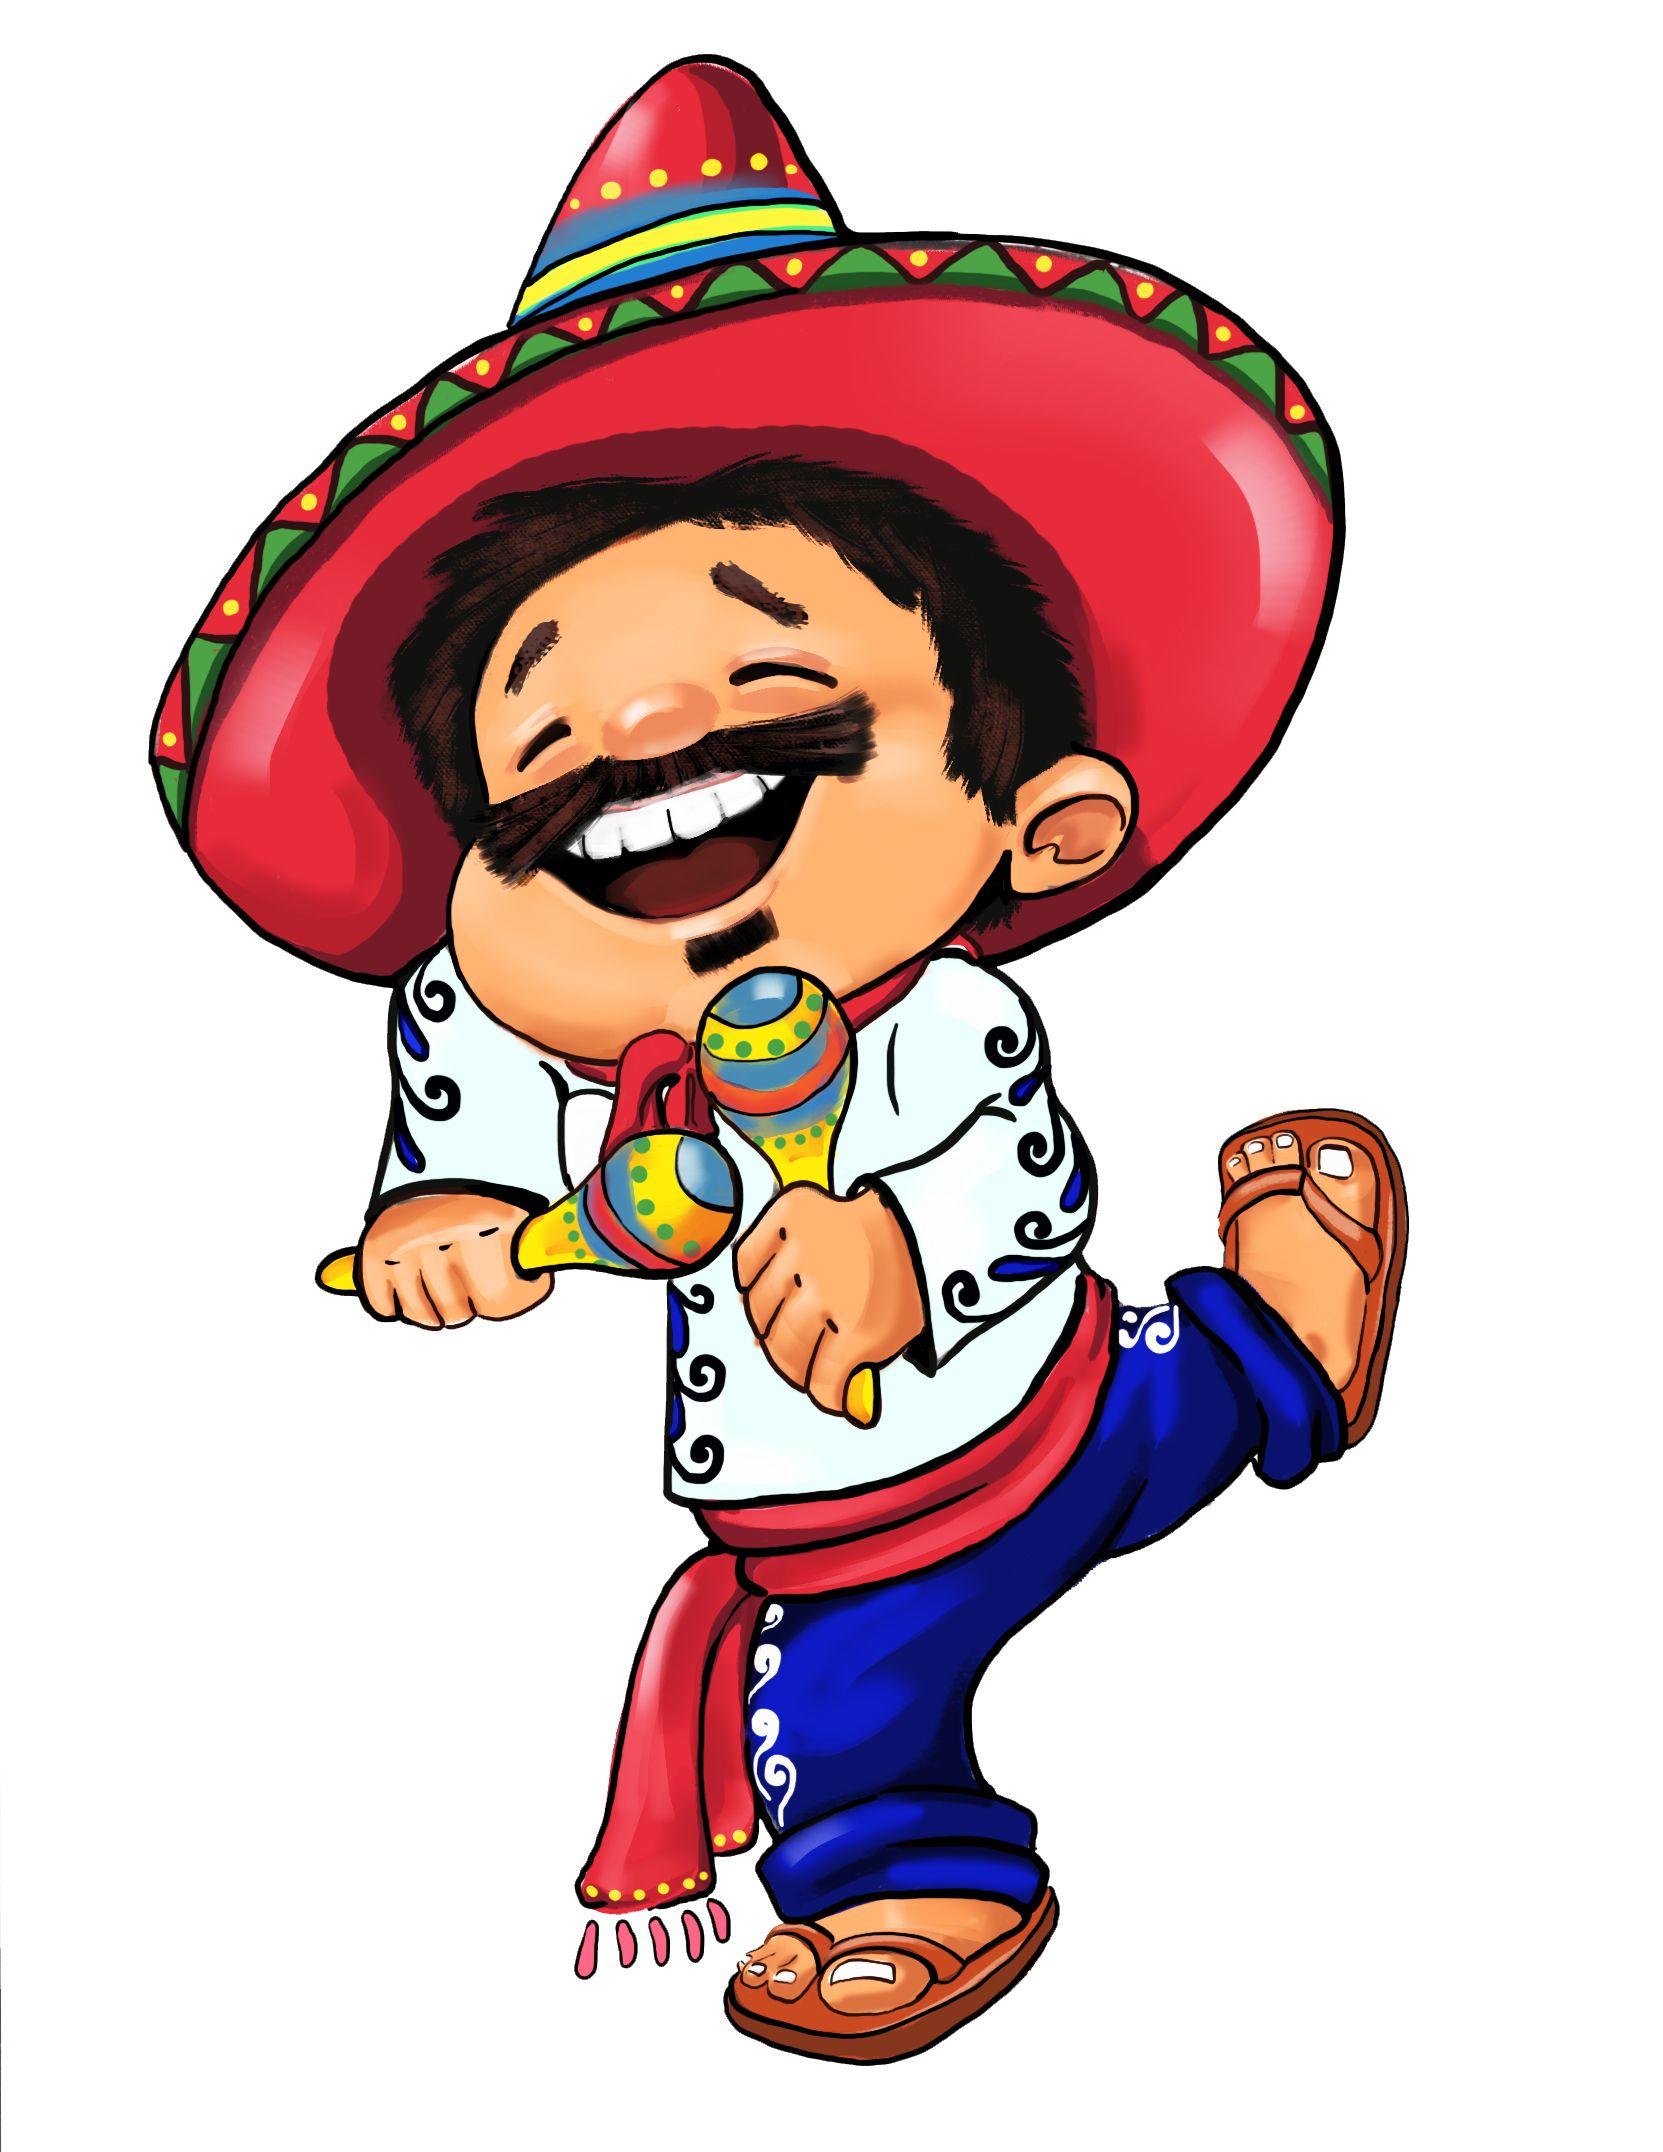 Мексиканец прикольные картинки